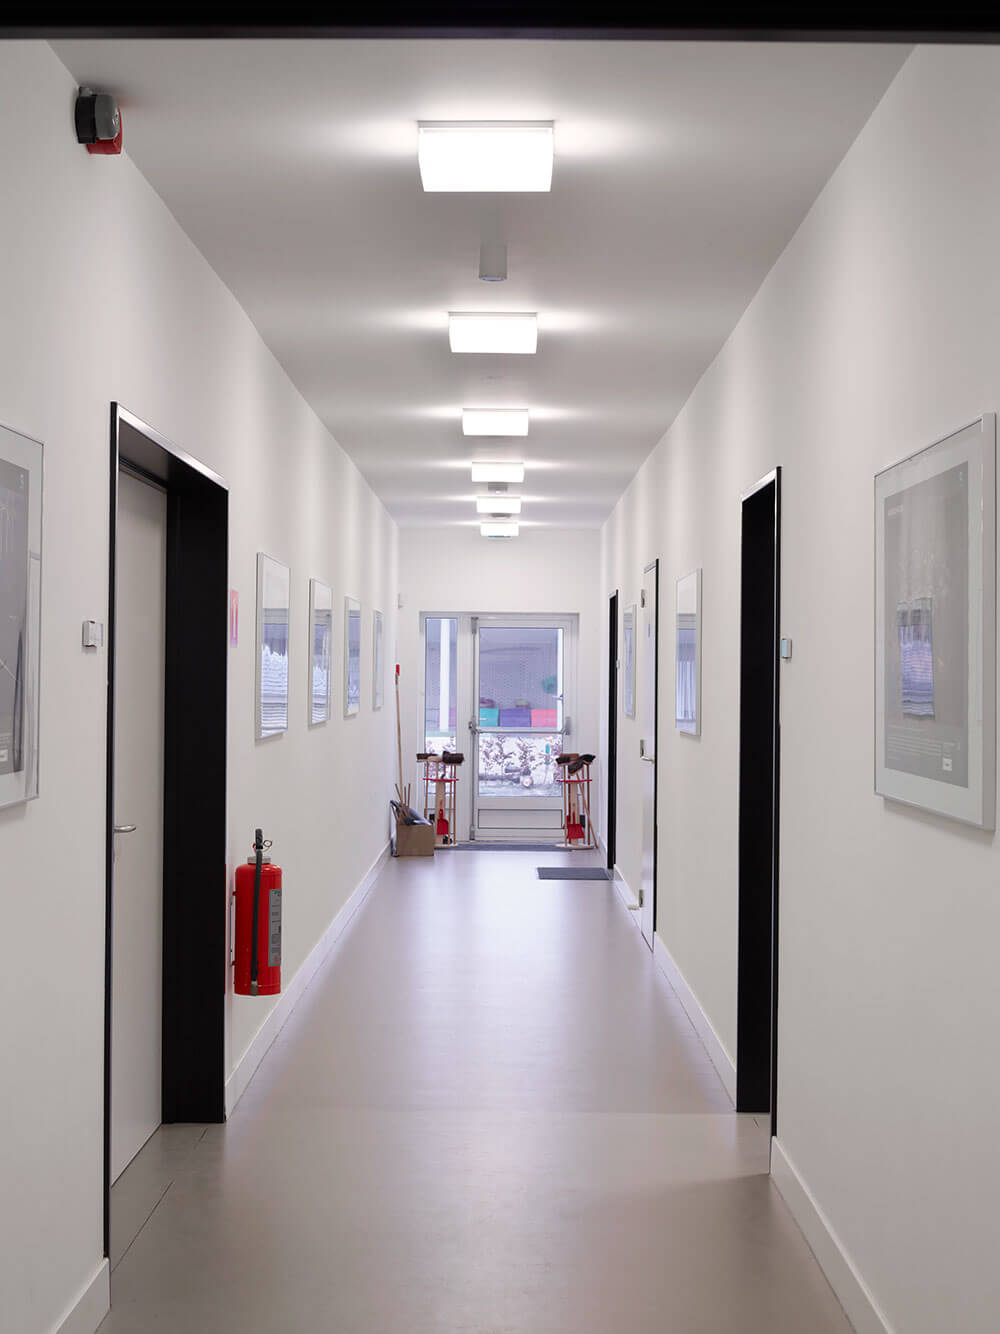 De lichte gang verbind verschillende kantoren met elkaar.